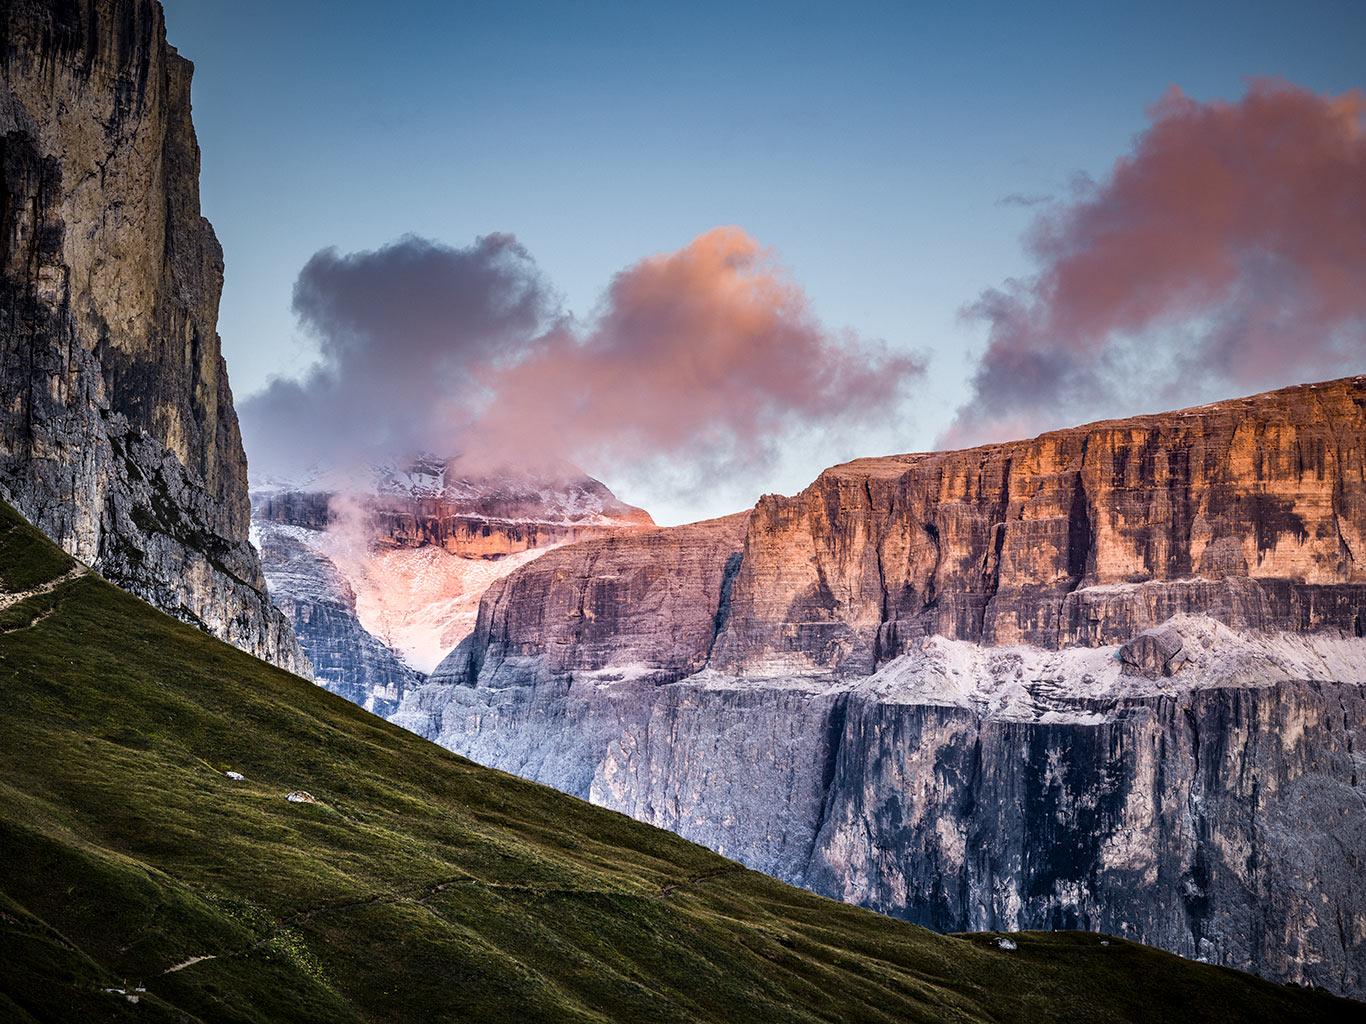 Harry_Koester_Dolomiten_Landscape